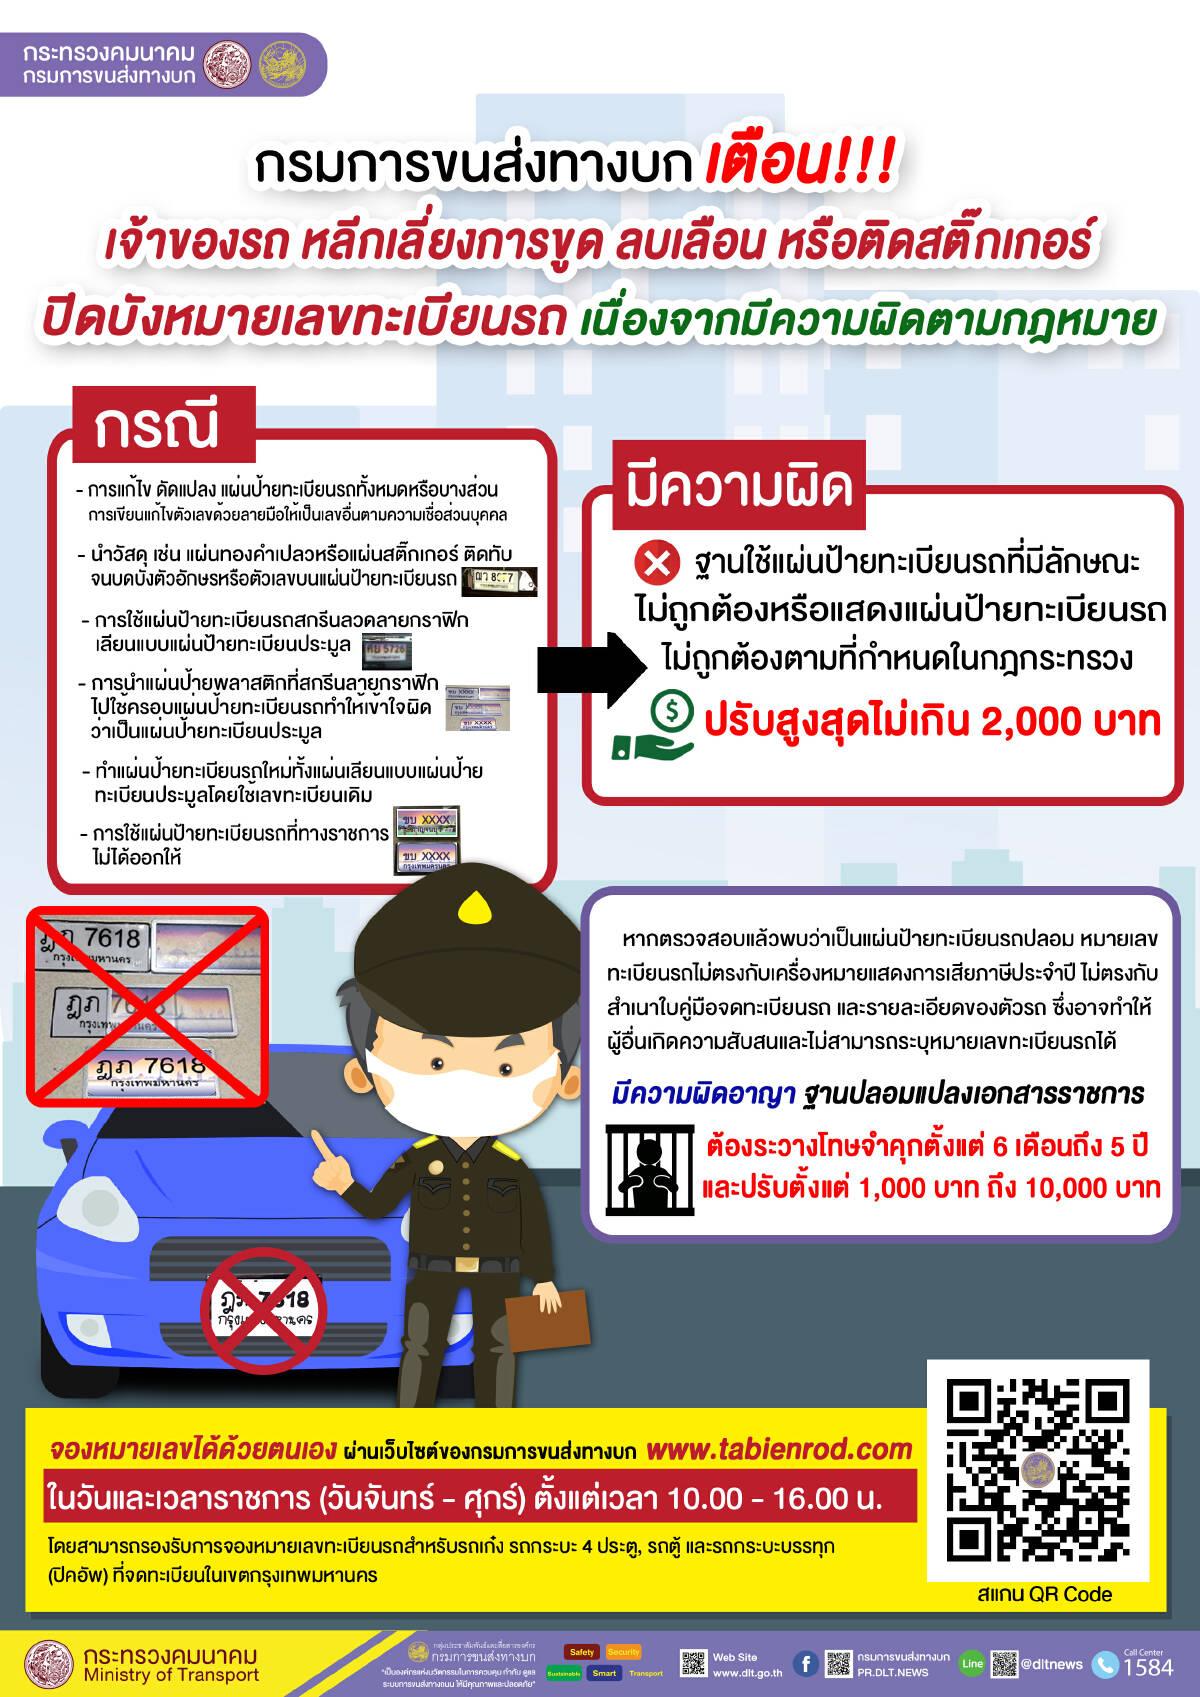 ขนส่งฯ เตือนดัดแปลงทะเบียนรถผิดกฎหมาย มีโทษจำคุก-ปรับ